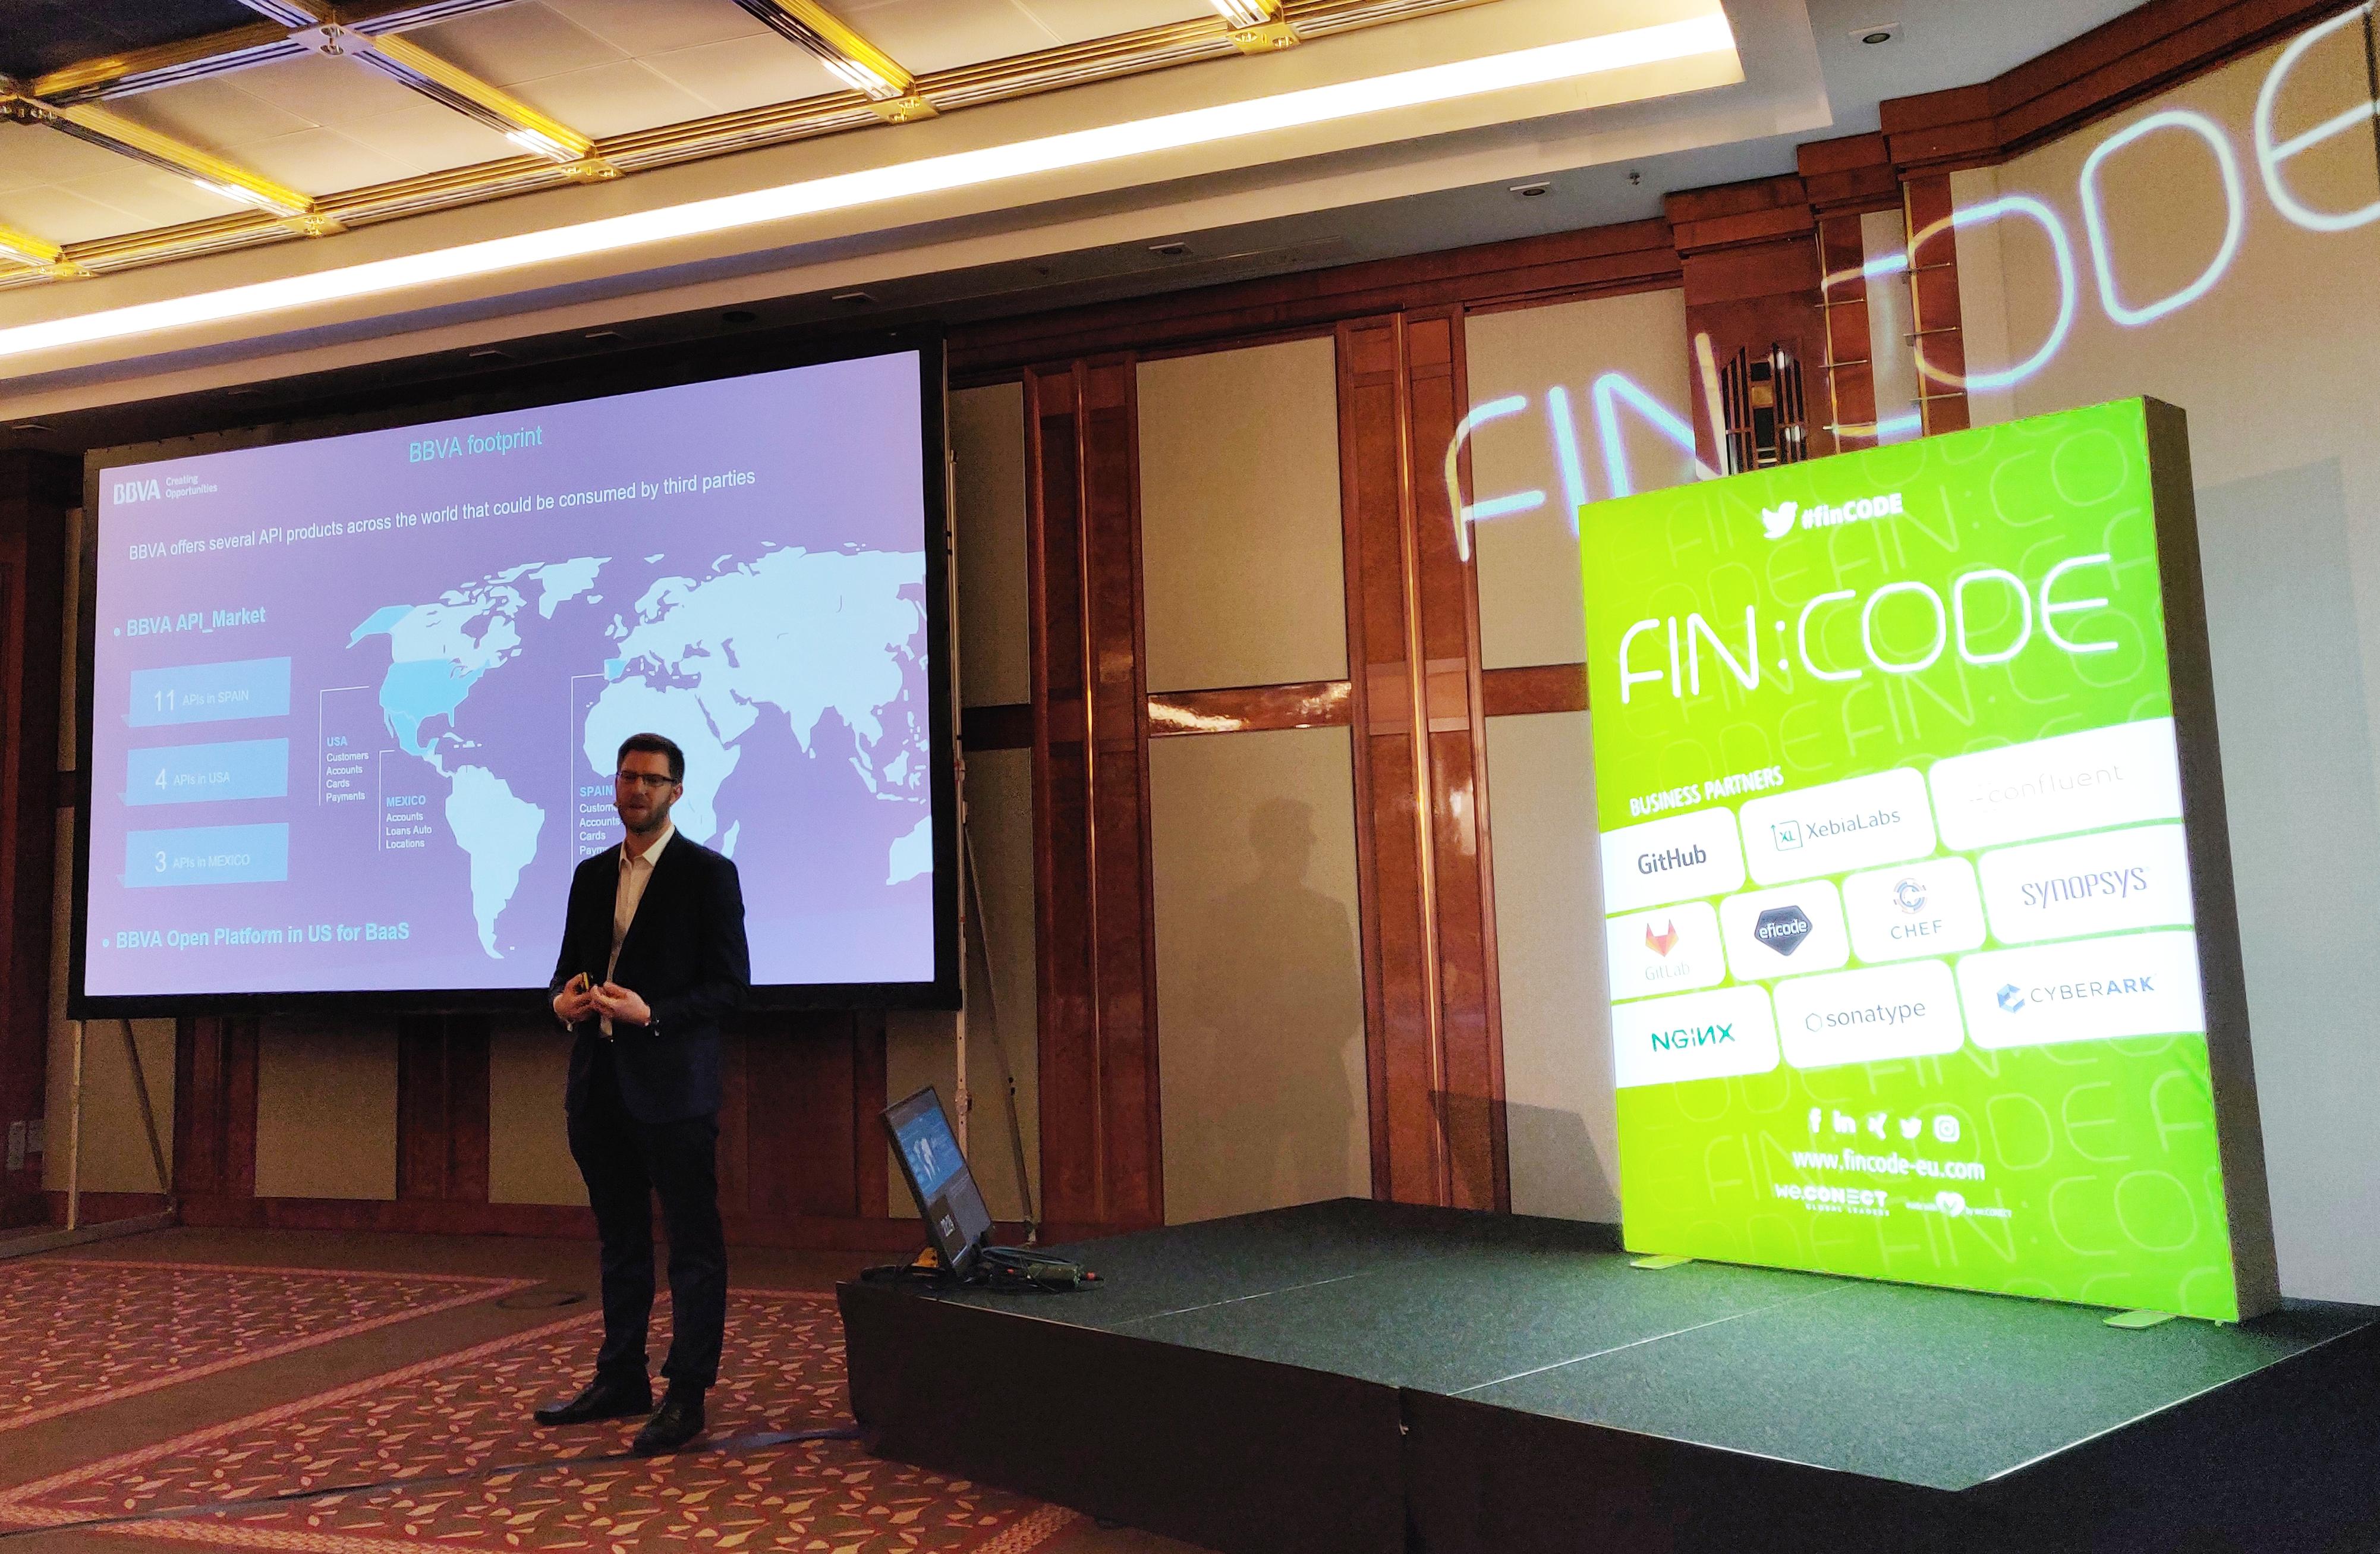 Lo mejor de fin:CODE y nuestra keynote sobre open banking